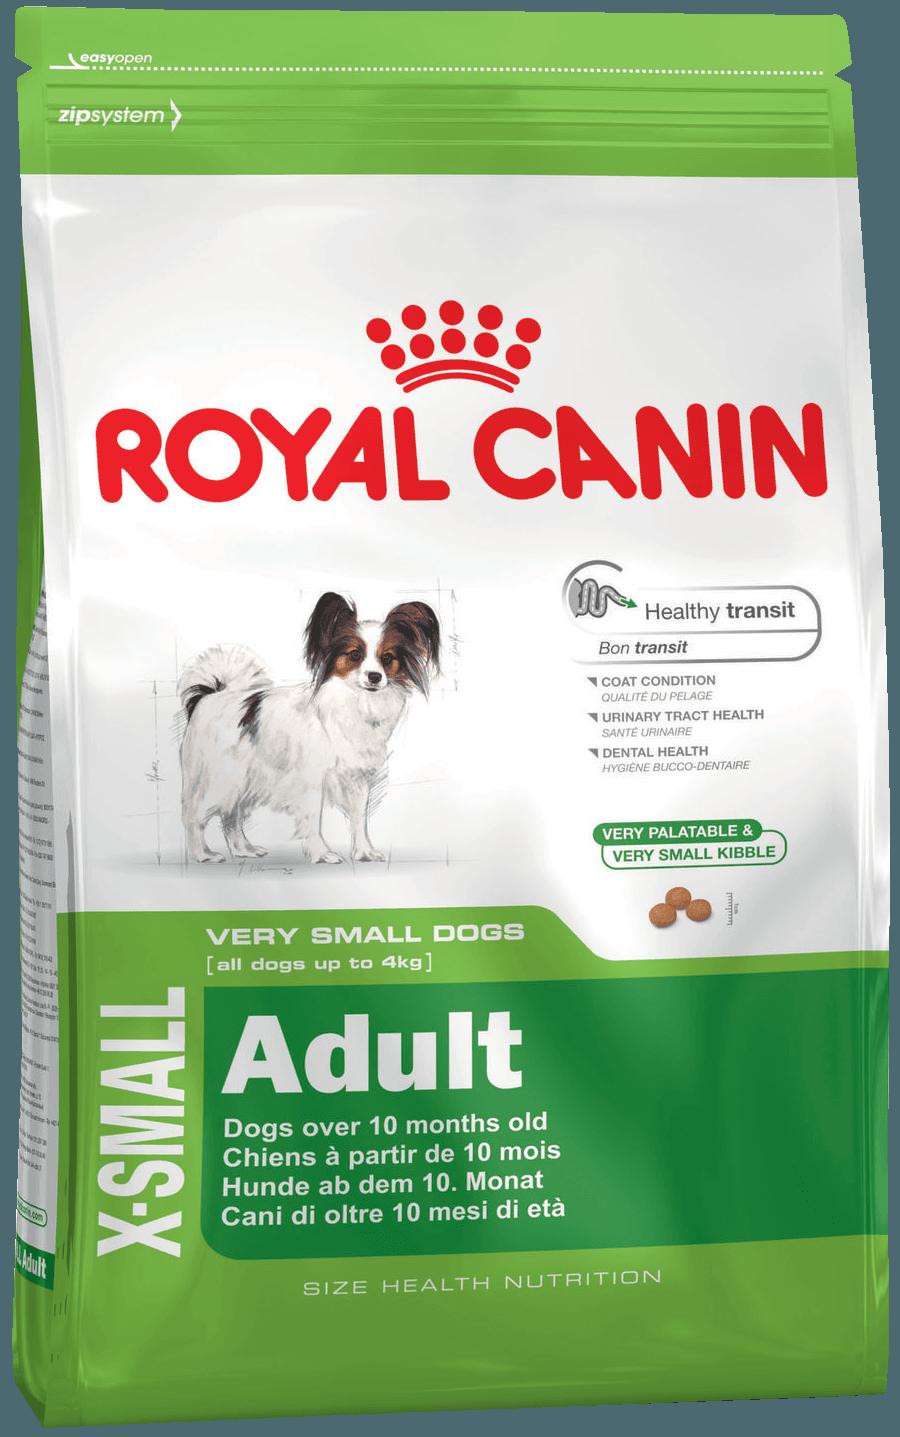 Royal Canin Икс Смол Эдалт 1,5кг (уп6) Kormberi.ru магазин товаров для ваших животных